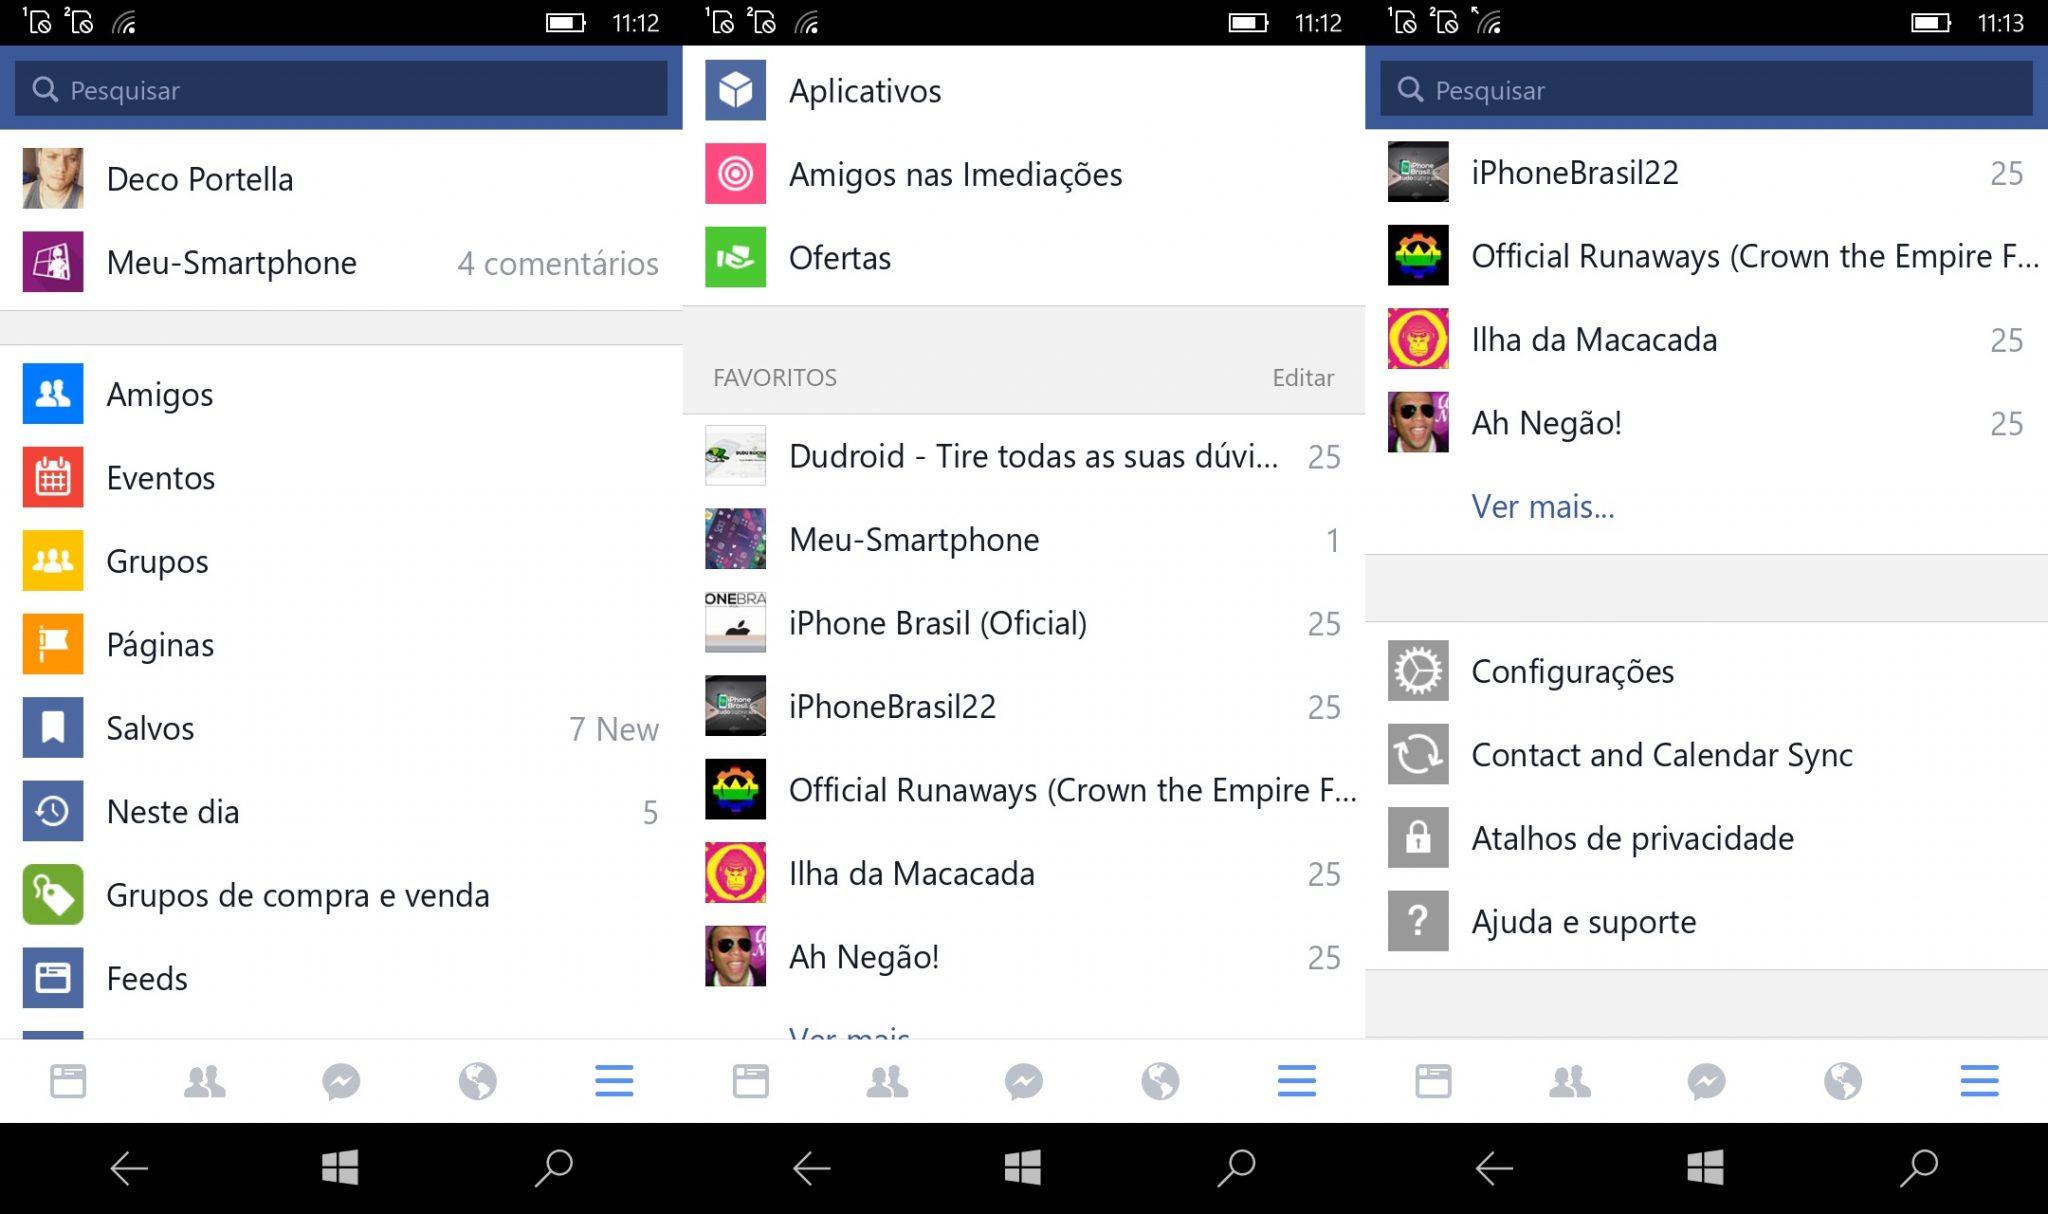 comparativo-facebook-11